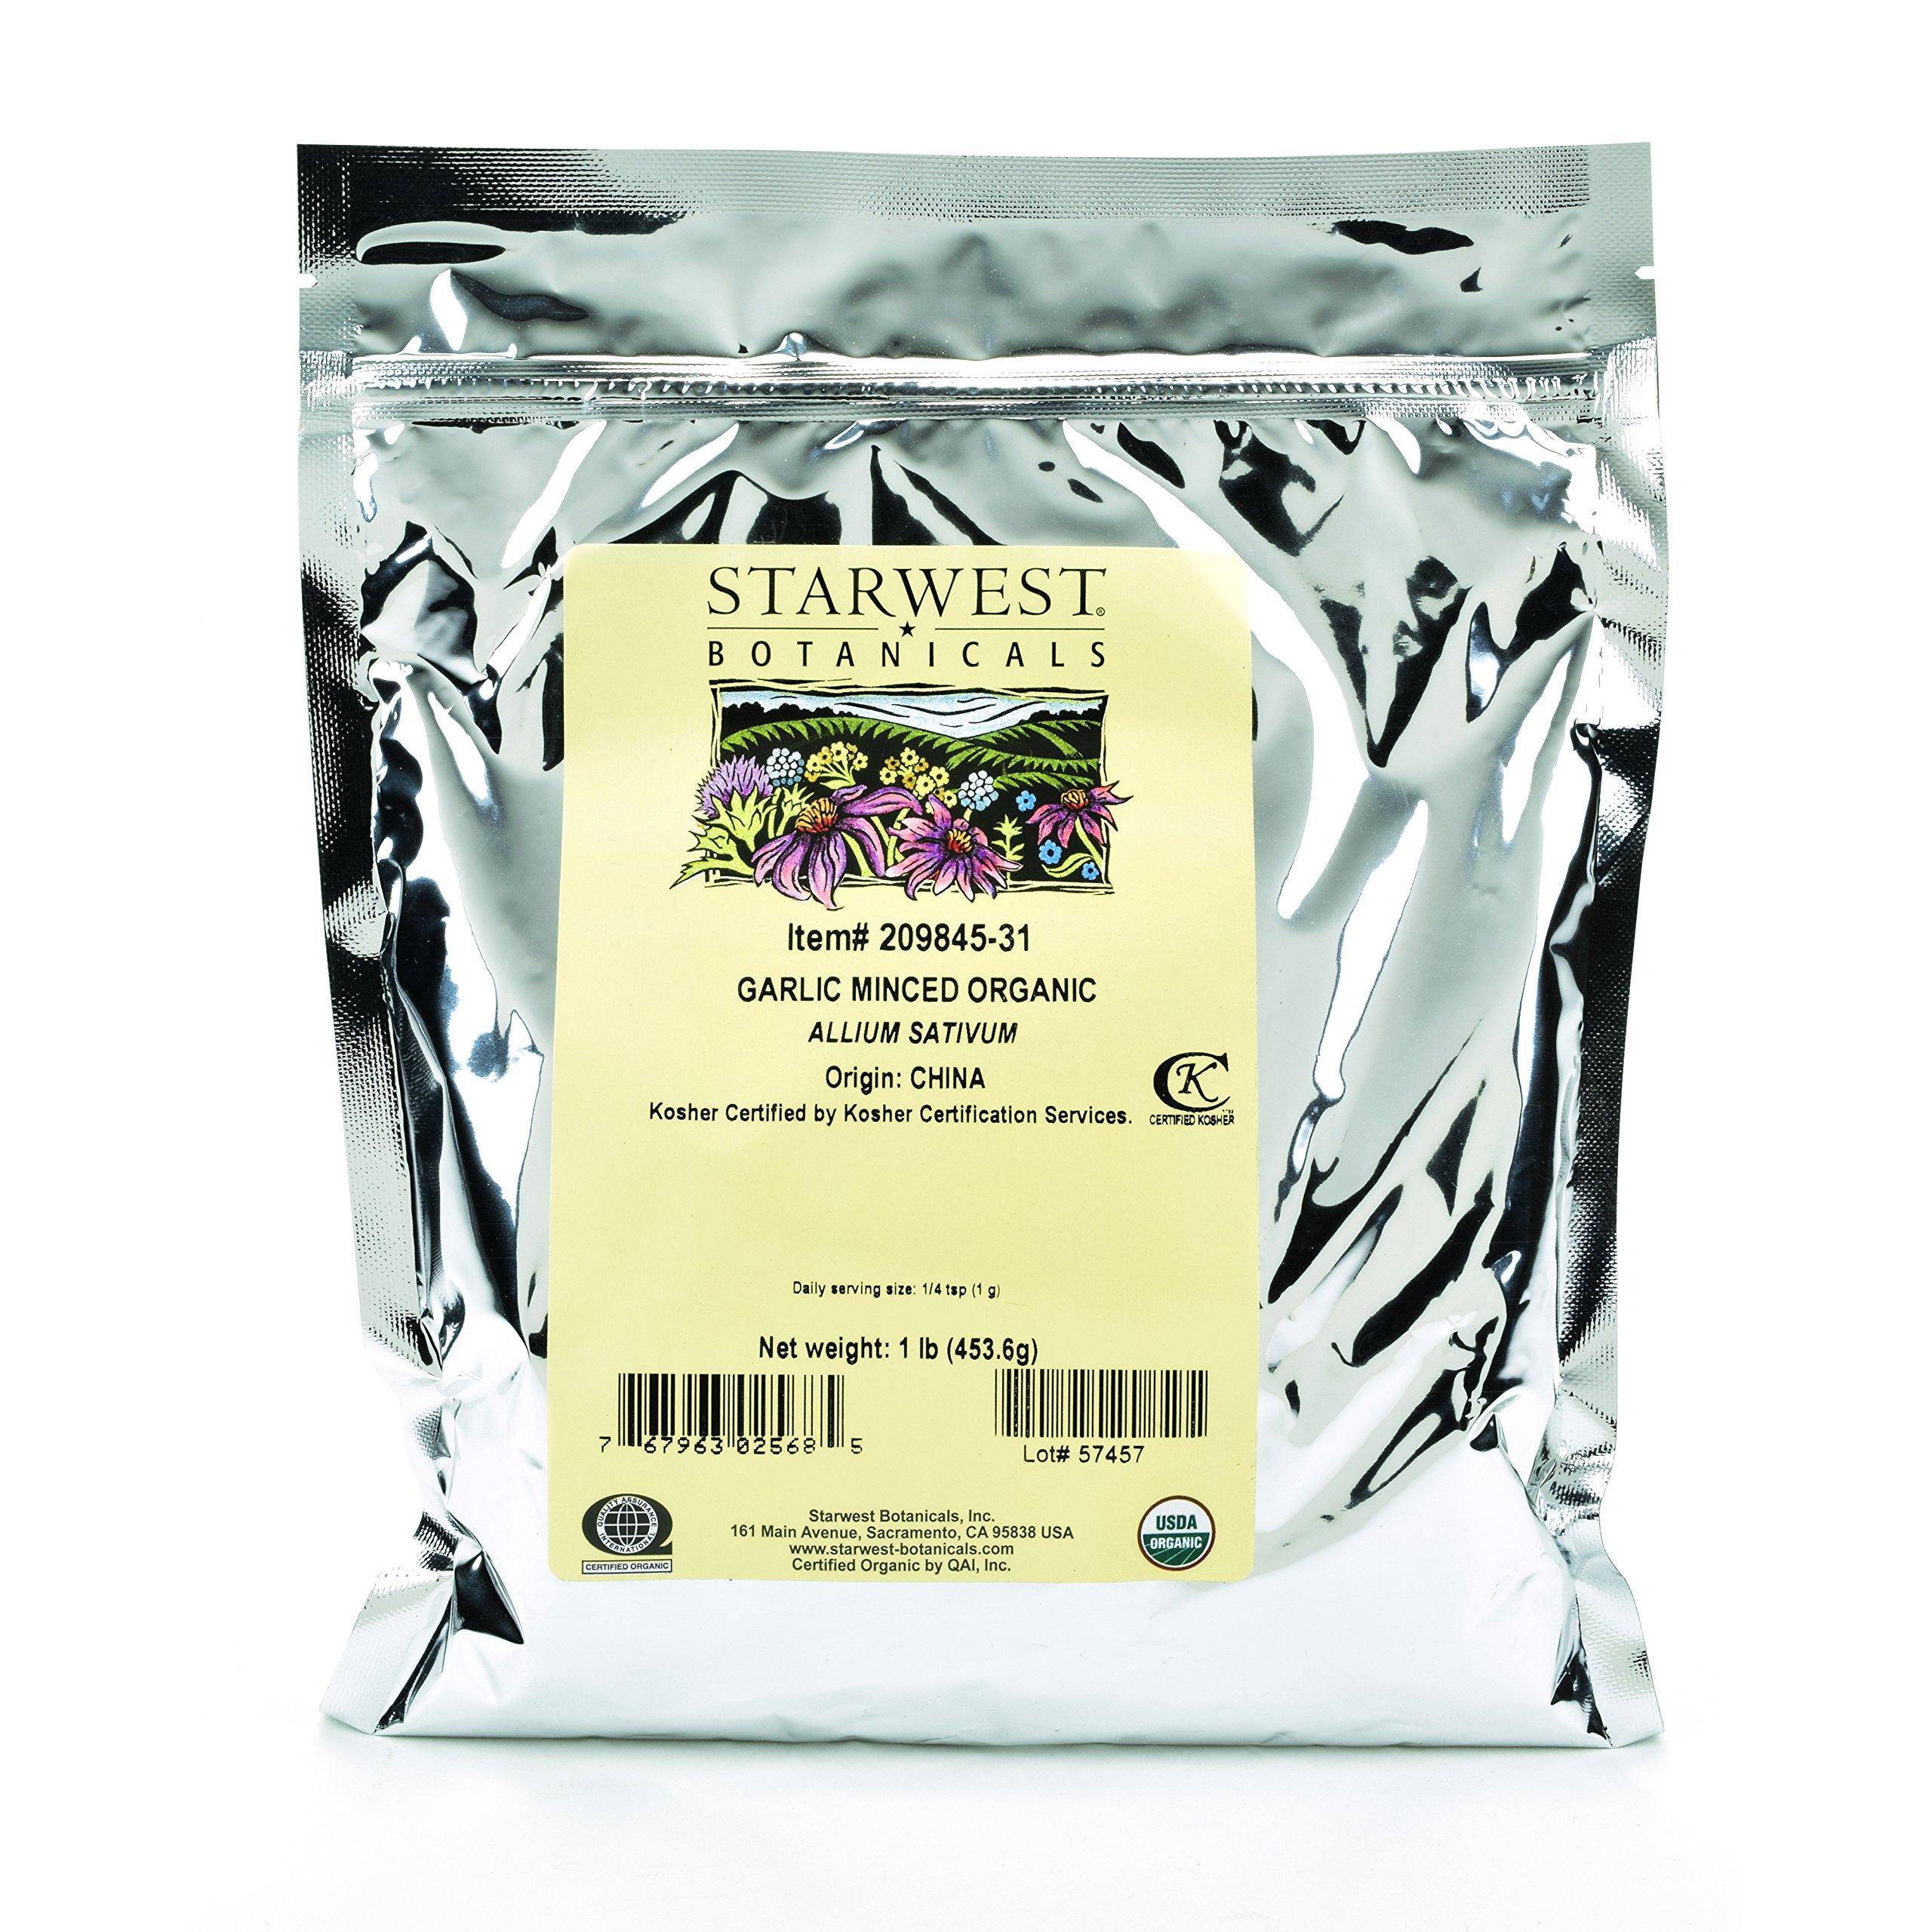 Starwest Botanicals Organic Garlic Minced, 1 Pound by Starwest Botanicals